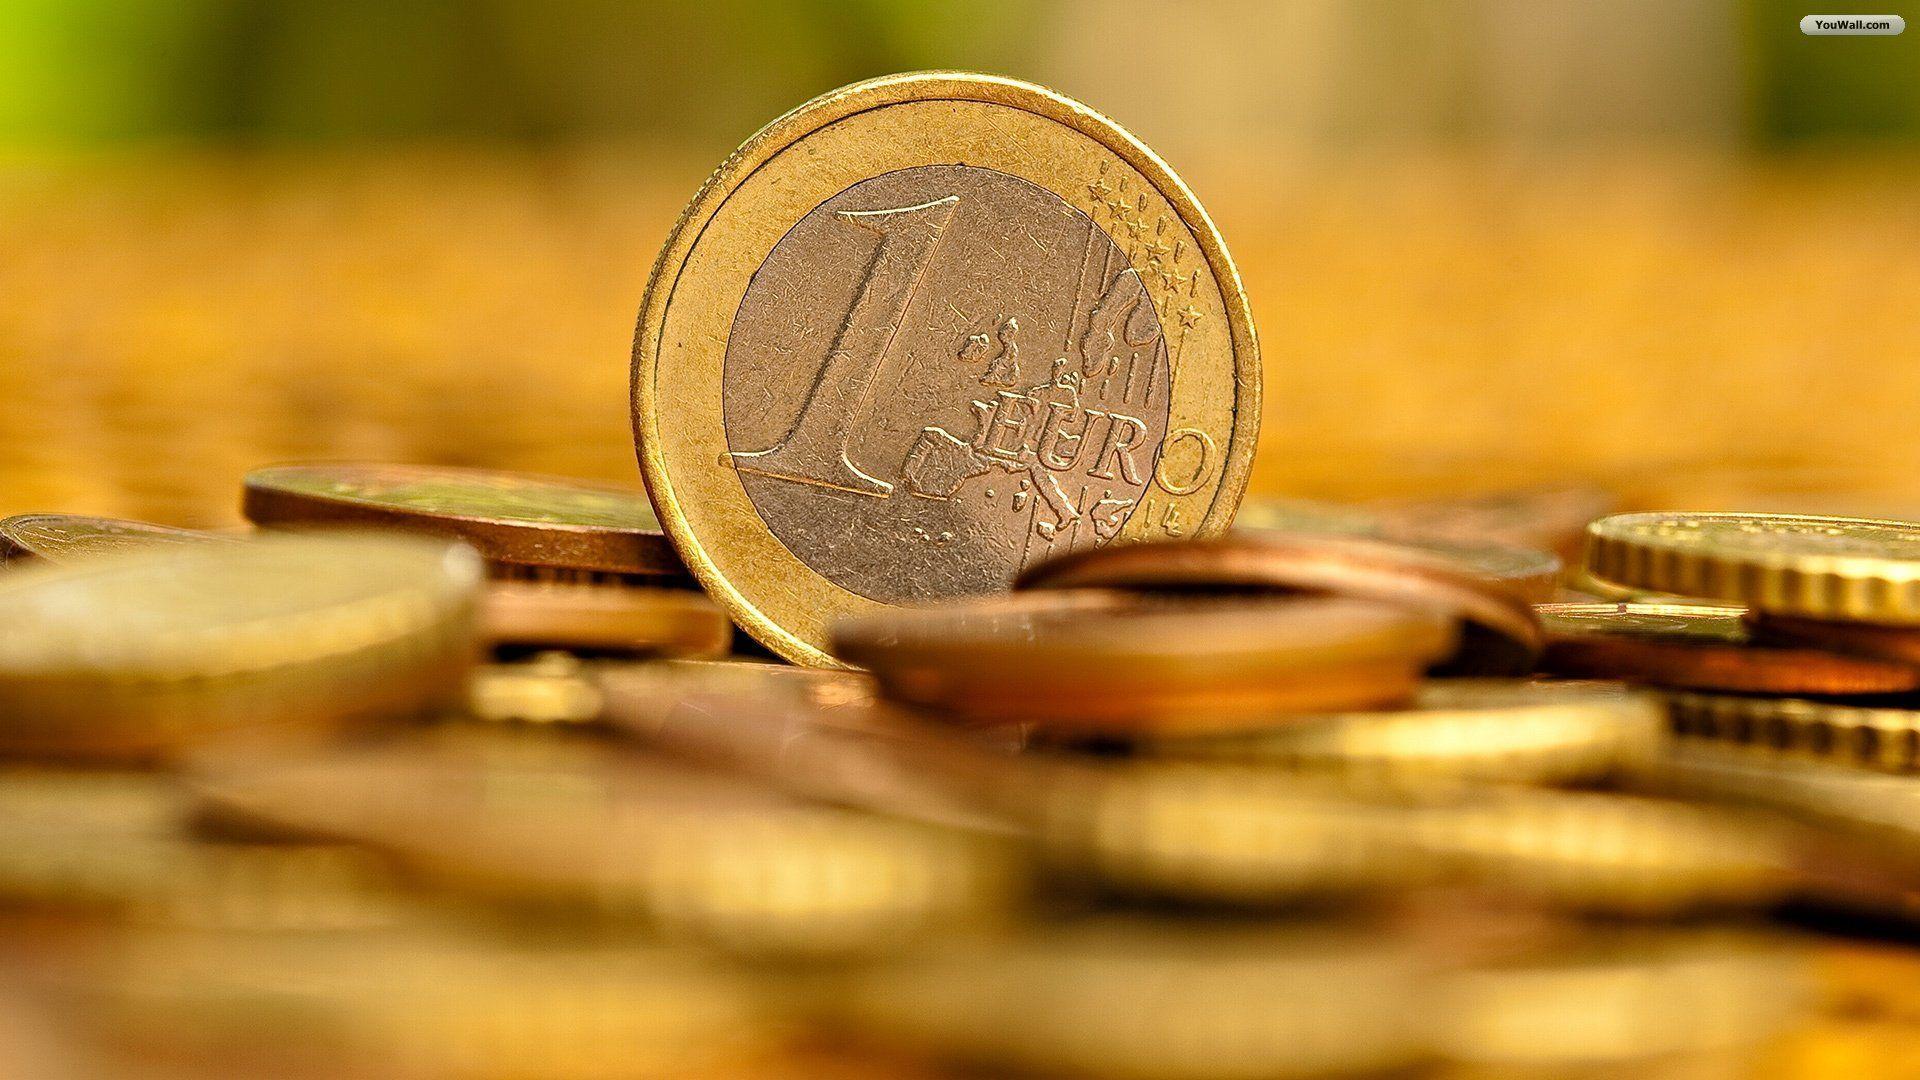 Как привлечь деньги в свою жизнь в домашних условиях - заговоры 92